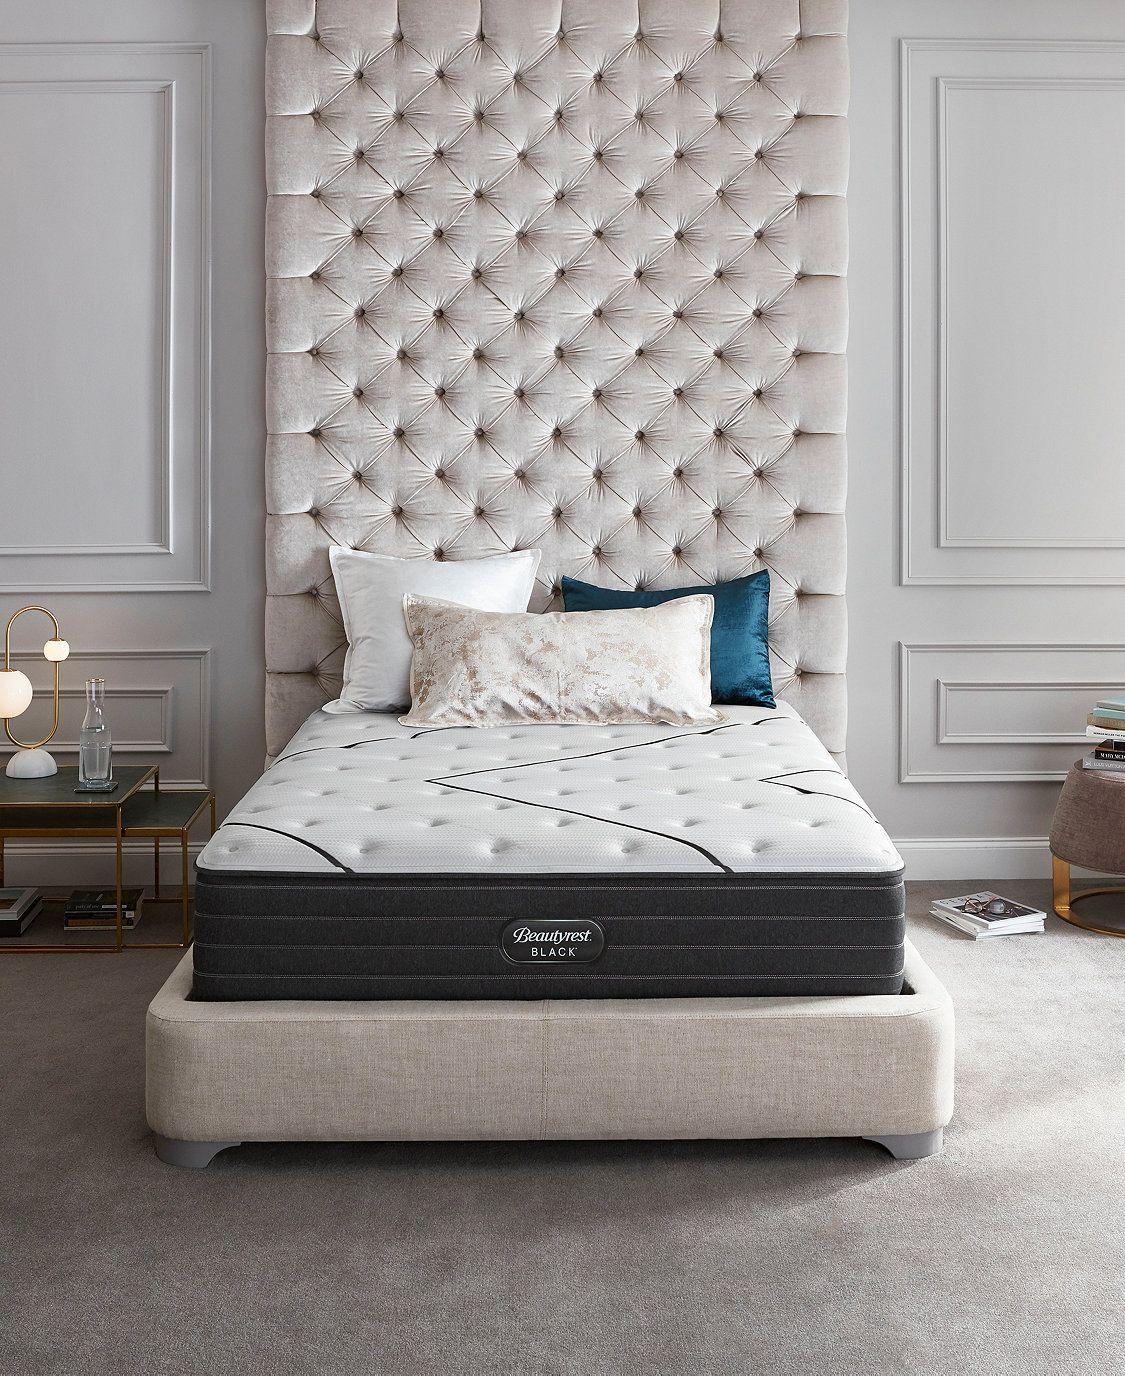 Beautyrest lclass 1425 mattress sets beautyrest